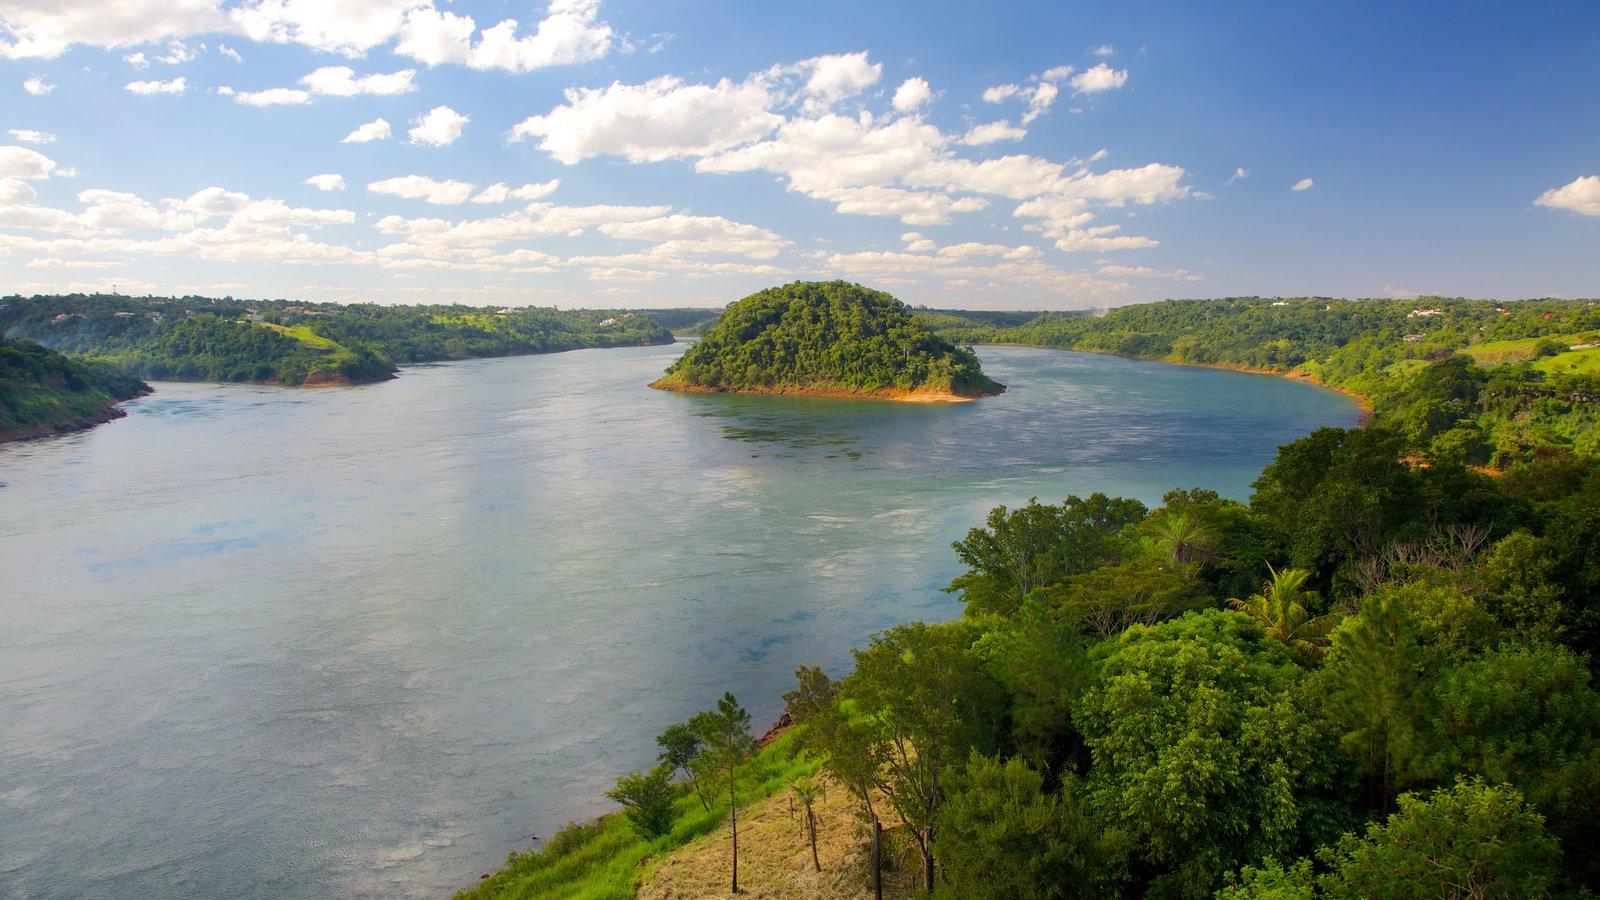 Ponte da Amizade que inclui um rio ou córrego, florestas e paisagem